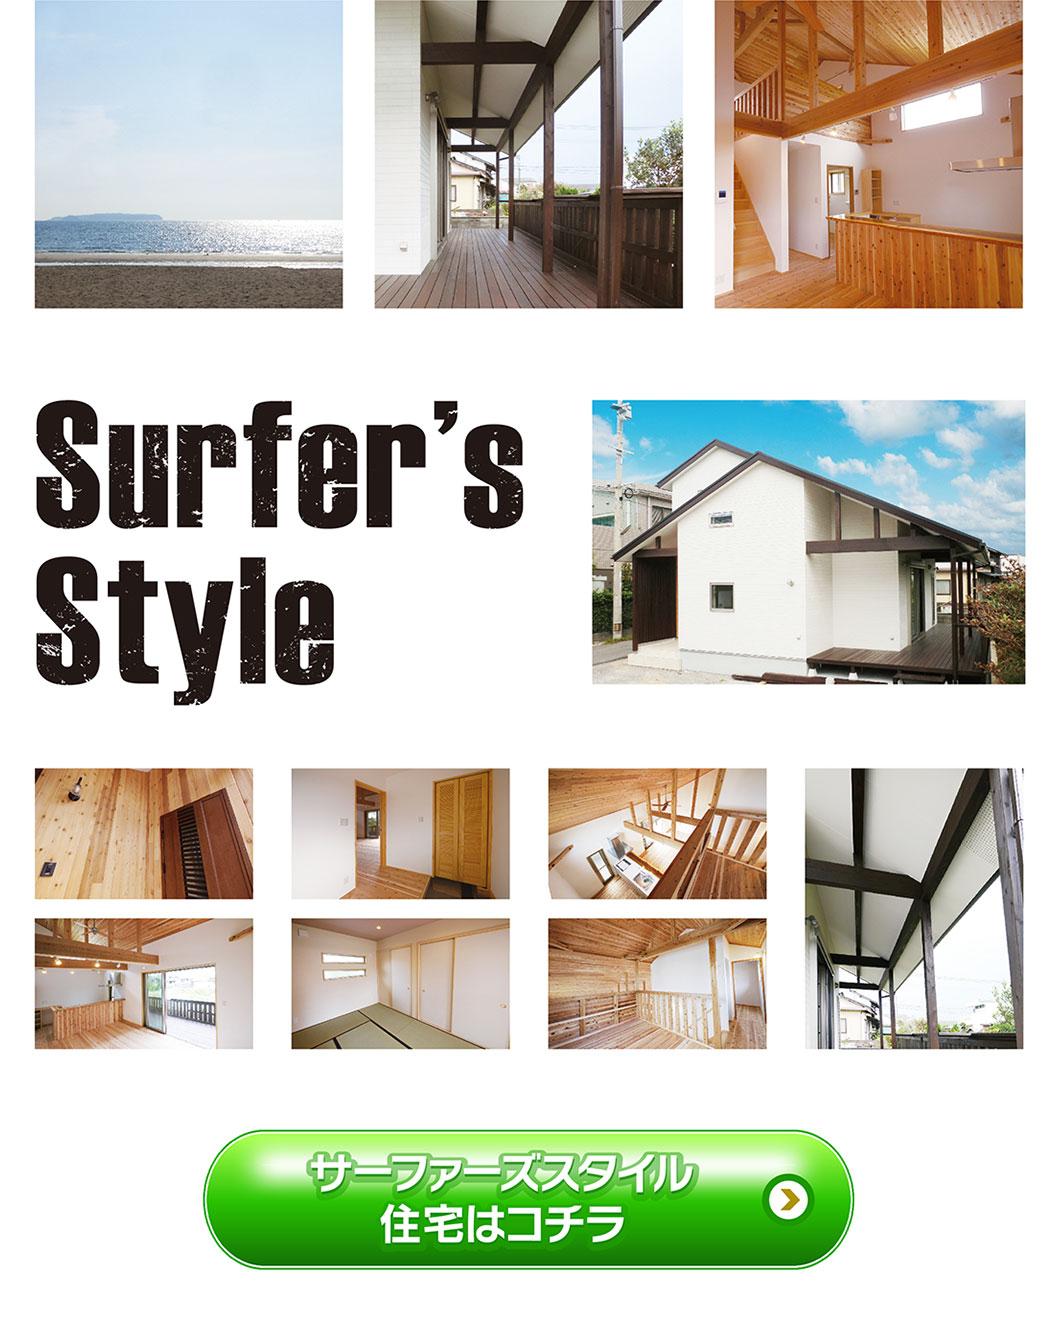 サーフカルチャーの様な自由で開放的なライフスタイルを楽しむ家